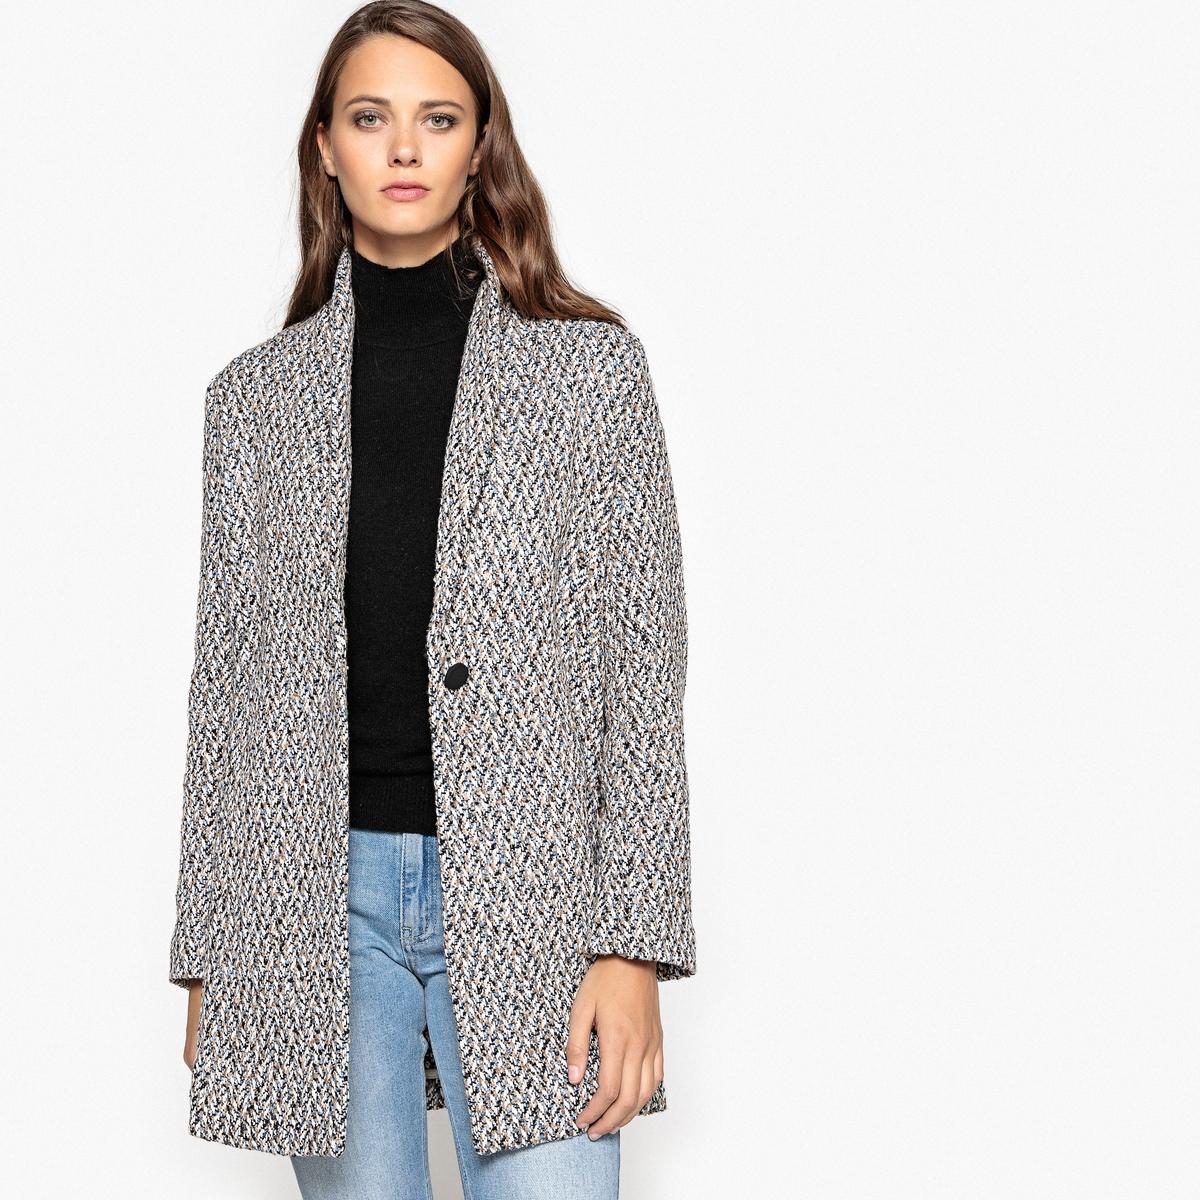 Пальто средней длиныОписание:Стильное и удобное пальто SUNCOO. Симпатичный шалевый воротник и зигзагообразный рисунок в крапинку . 2 незаметных кармана . Женское пальто с застежкой на 1 пуговицу .Детали •  Длина : средняя •  Шалевый воротник • Застежка на пуговицыСостав и уход •  100% полиэстер •  Следуйте рекомендациям по уходу, указанным на этикетке изделия<br><br>Цвет: серый меланж<br>Размер: M